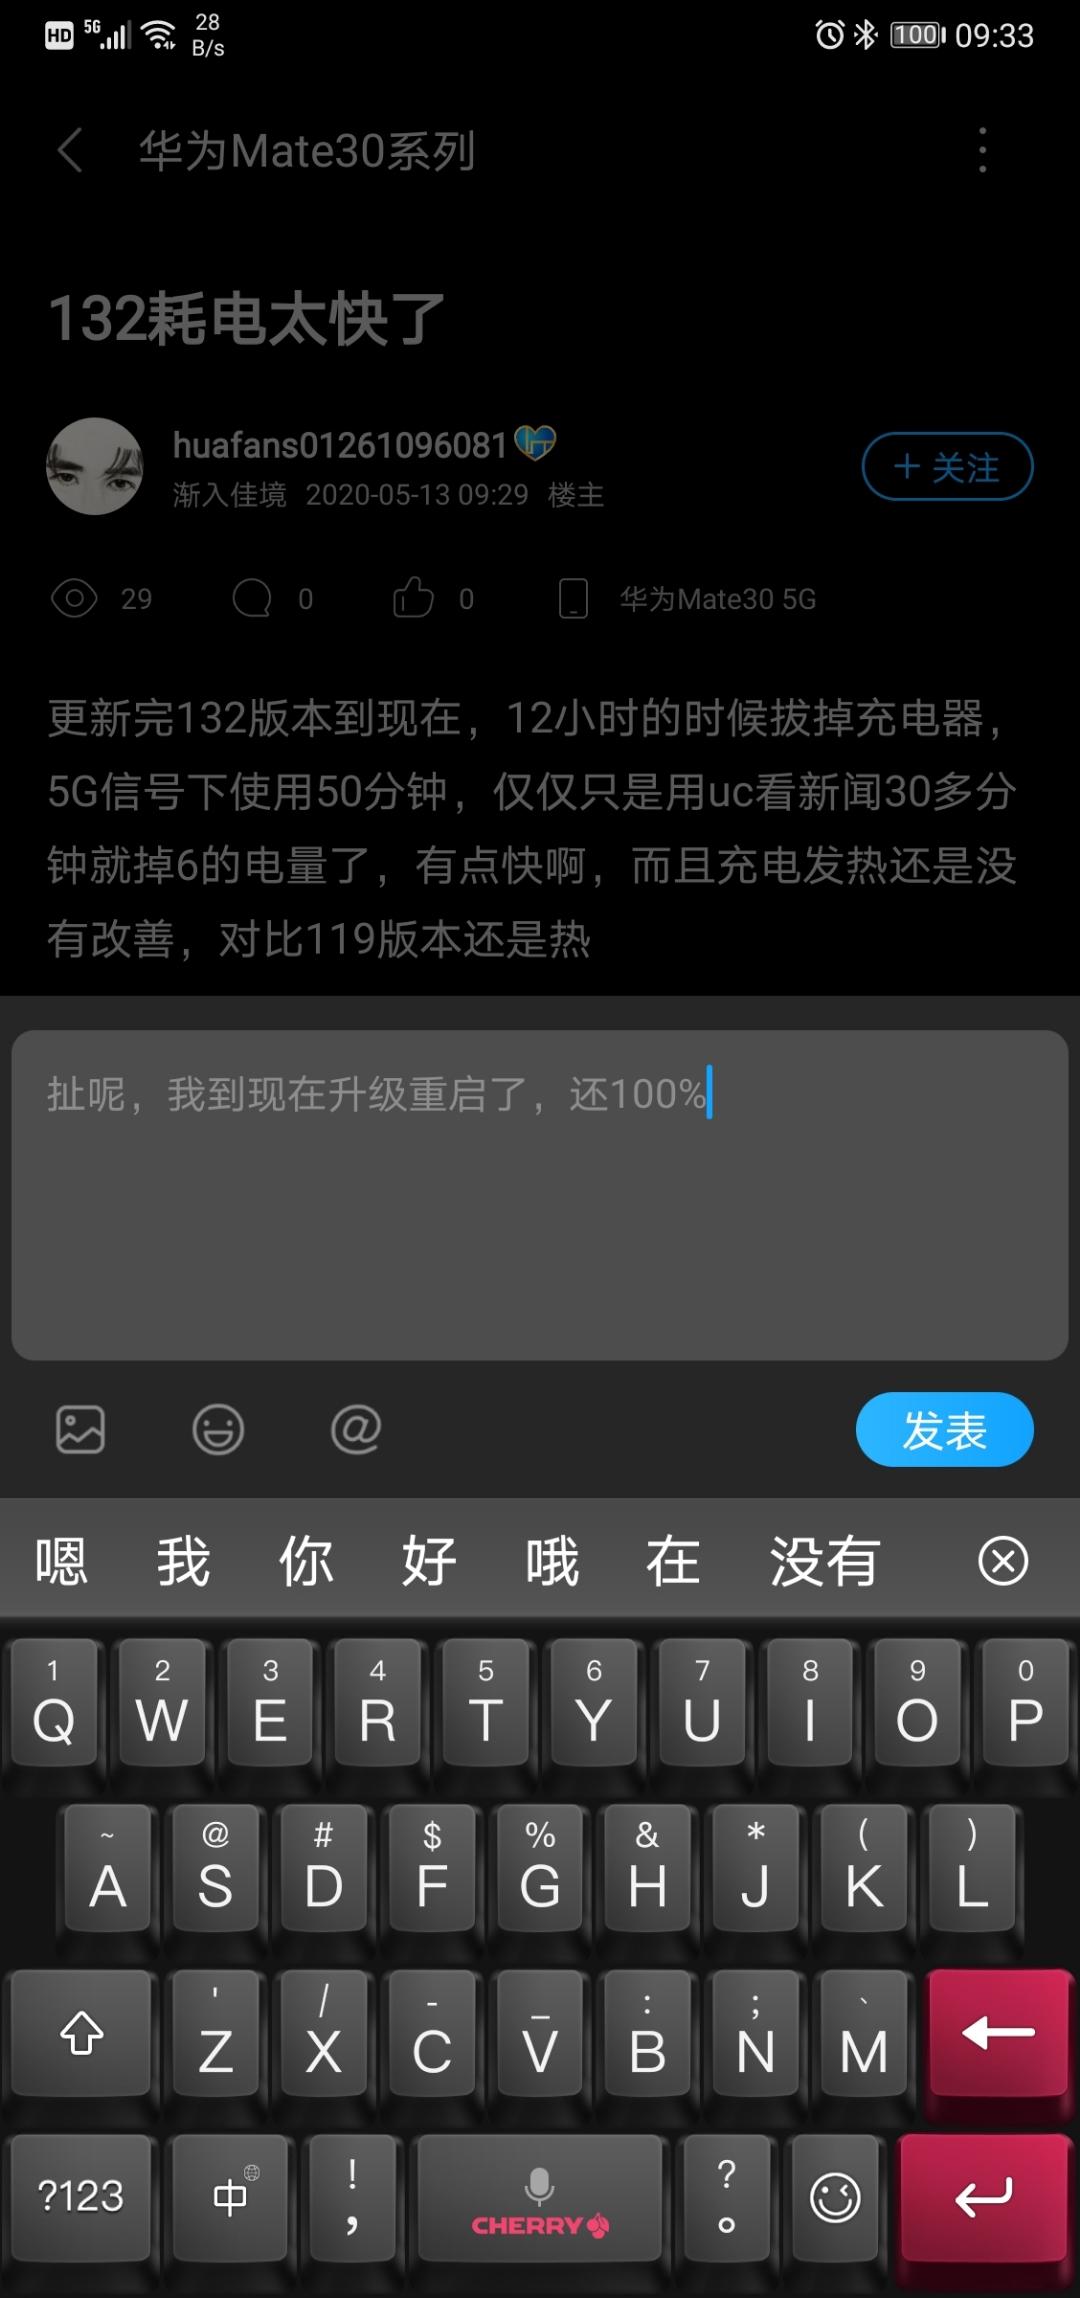 Screenshot_20200513_093312_com.huawei.fans.jpg